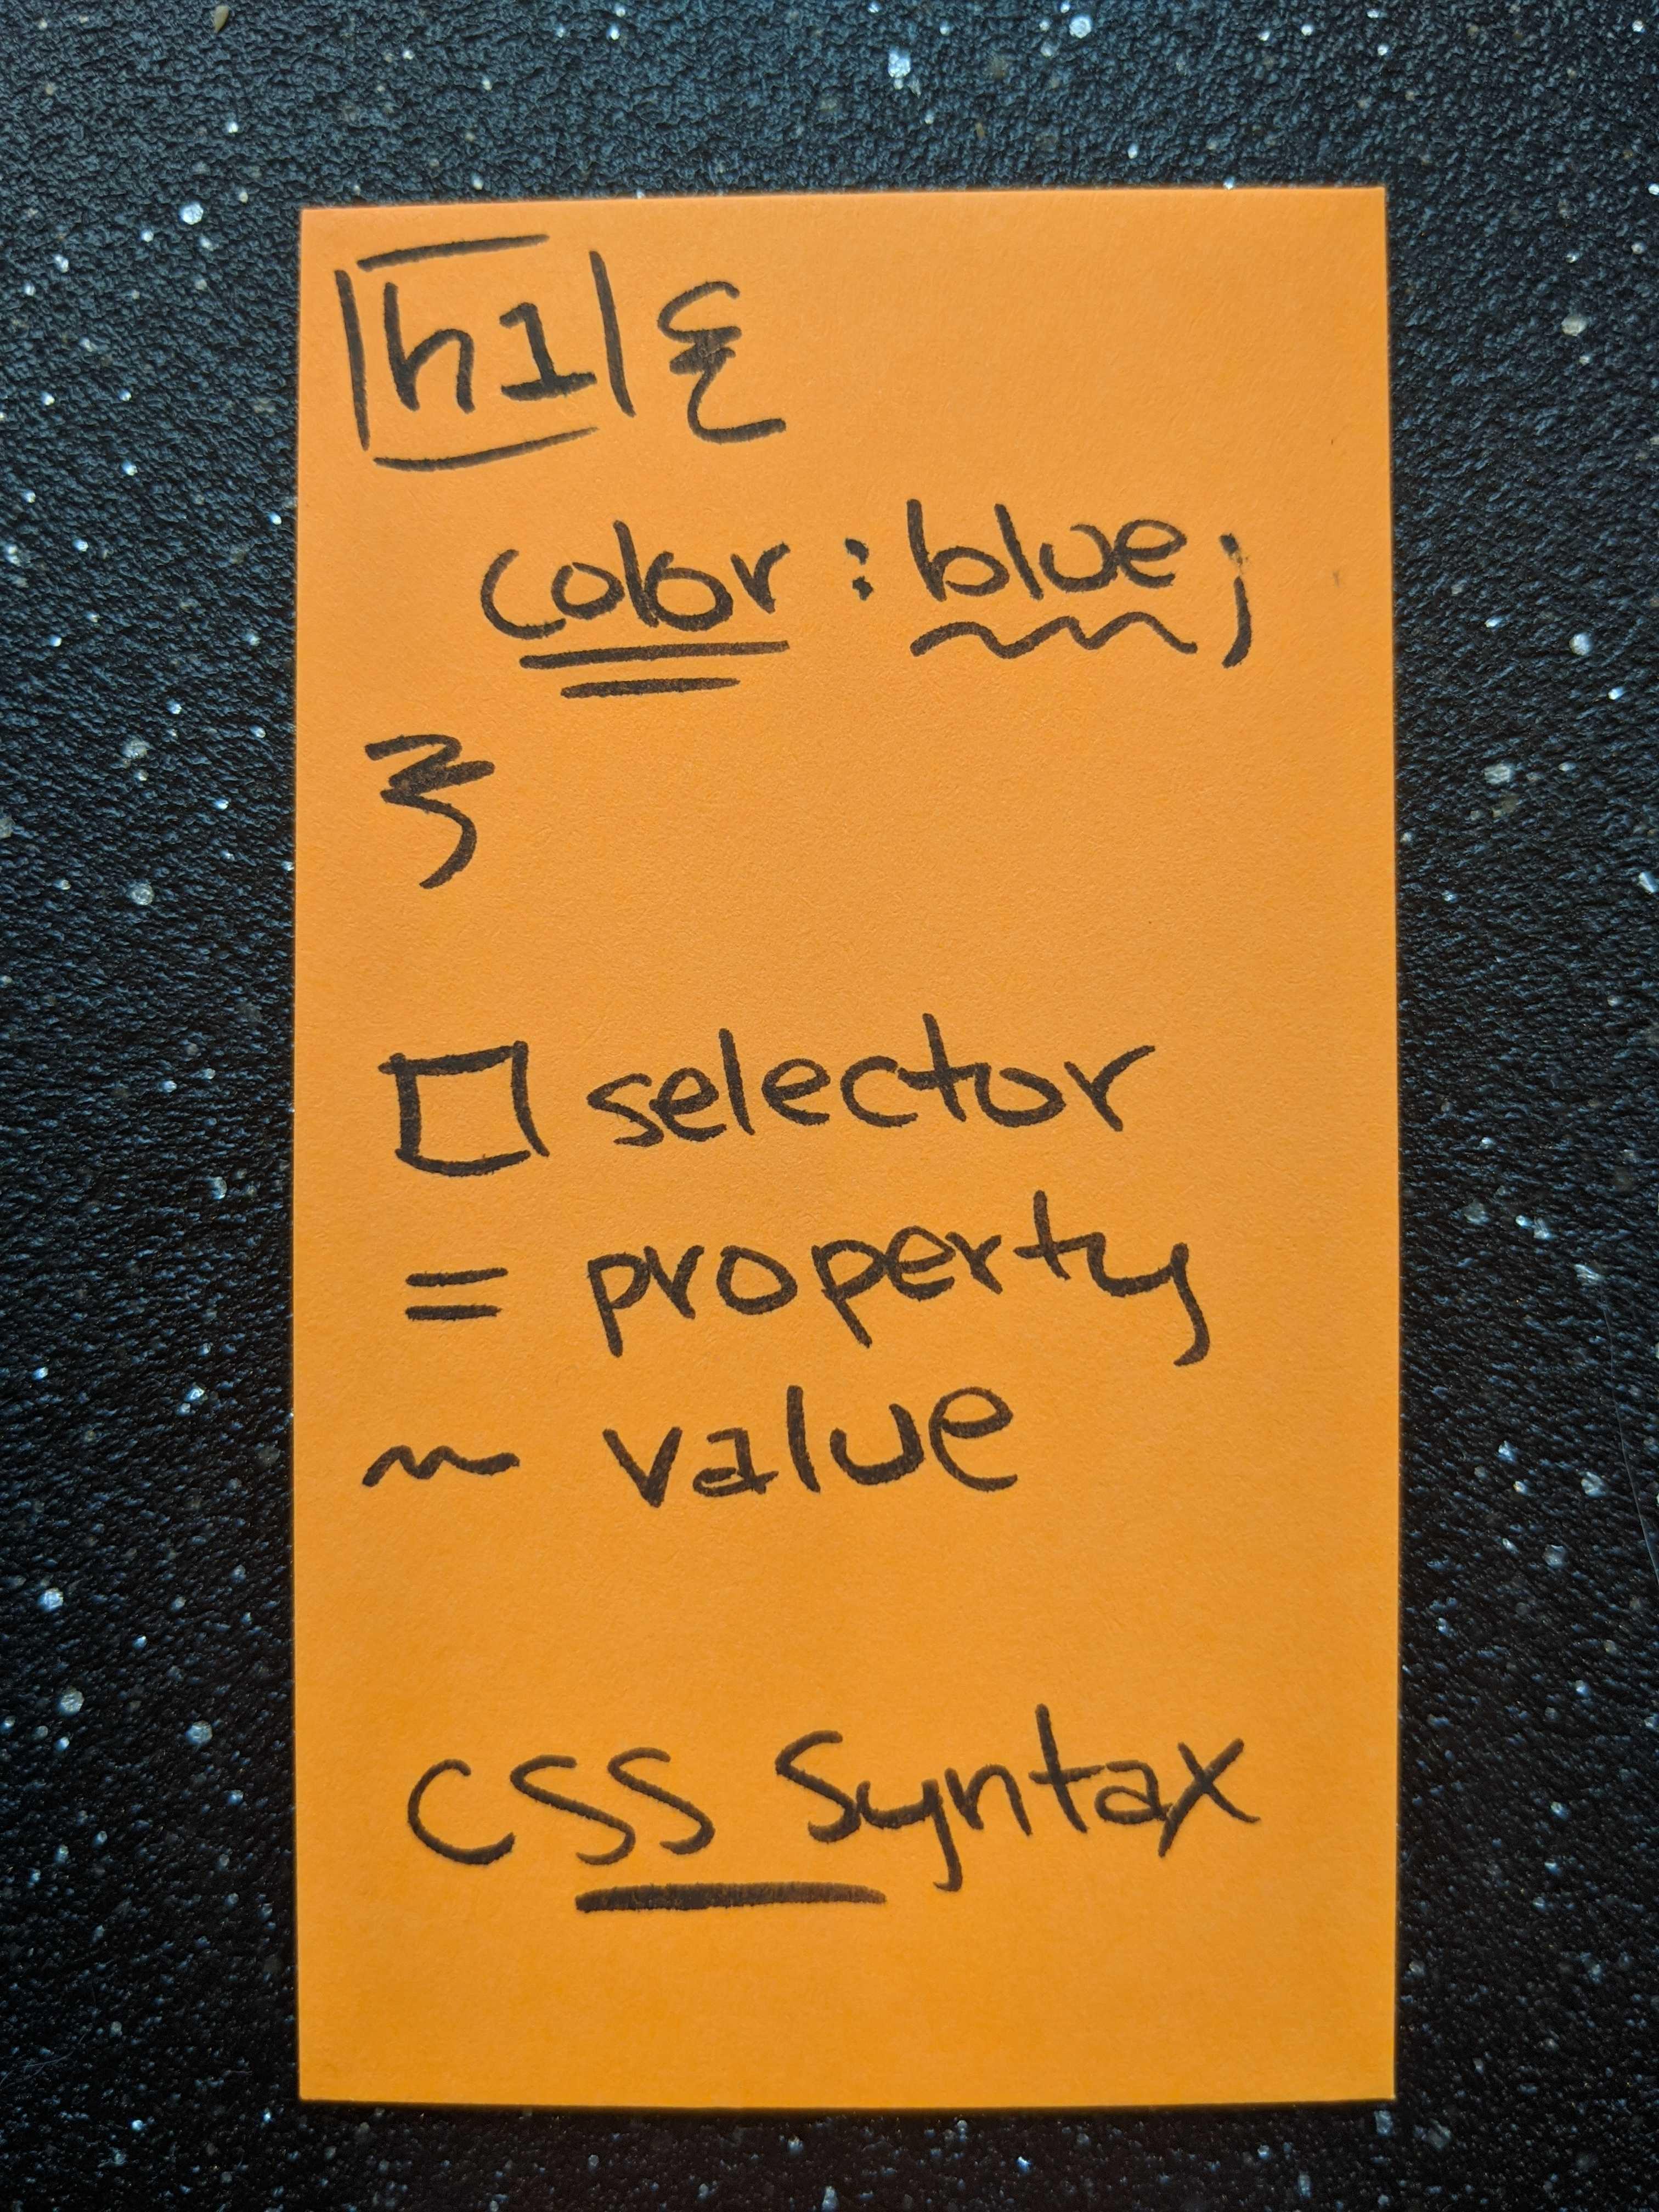 Lauren's CSS